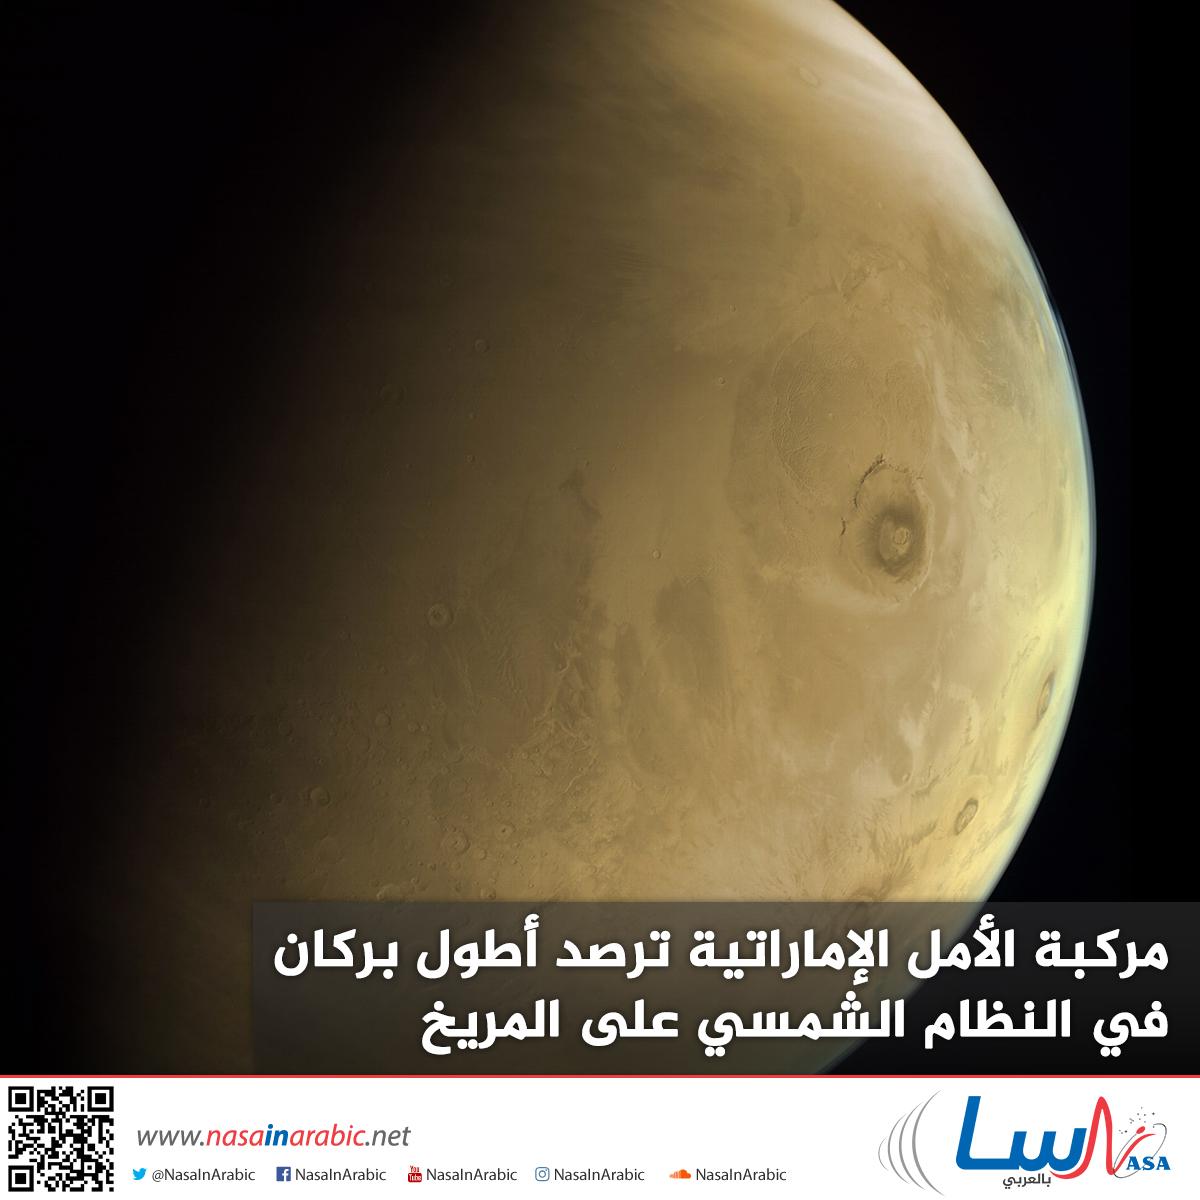 مركبة الأمل الإماراتية ترصد أطول بركان في النظام الشمسي على المريخ